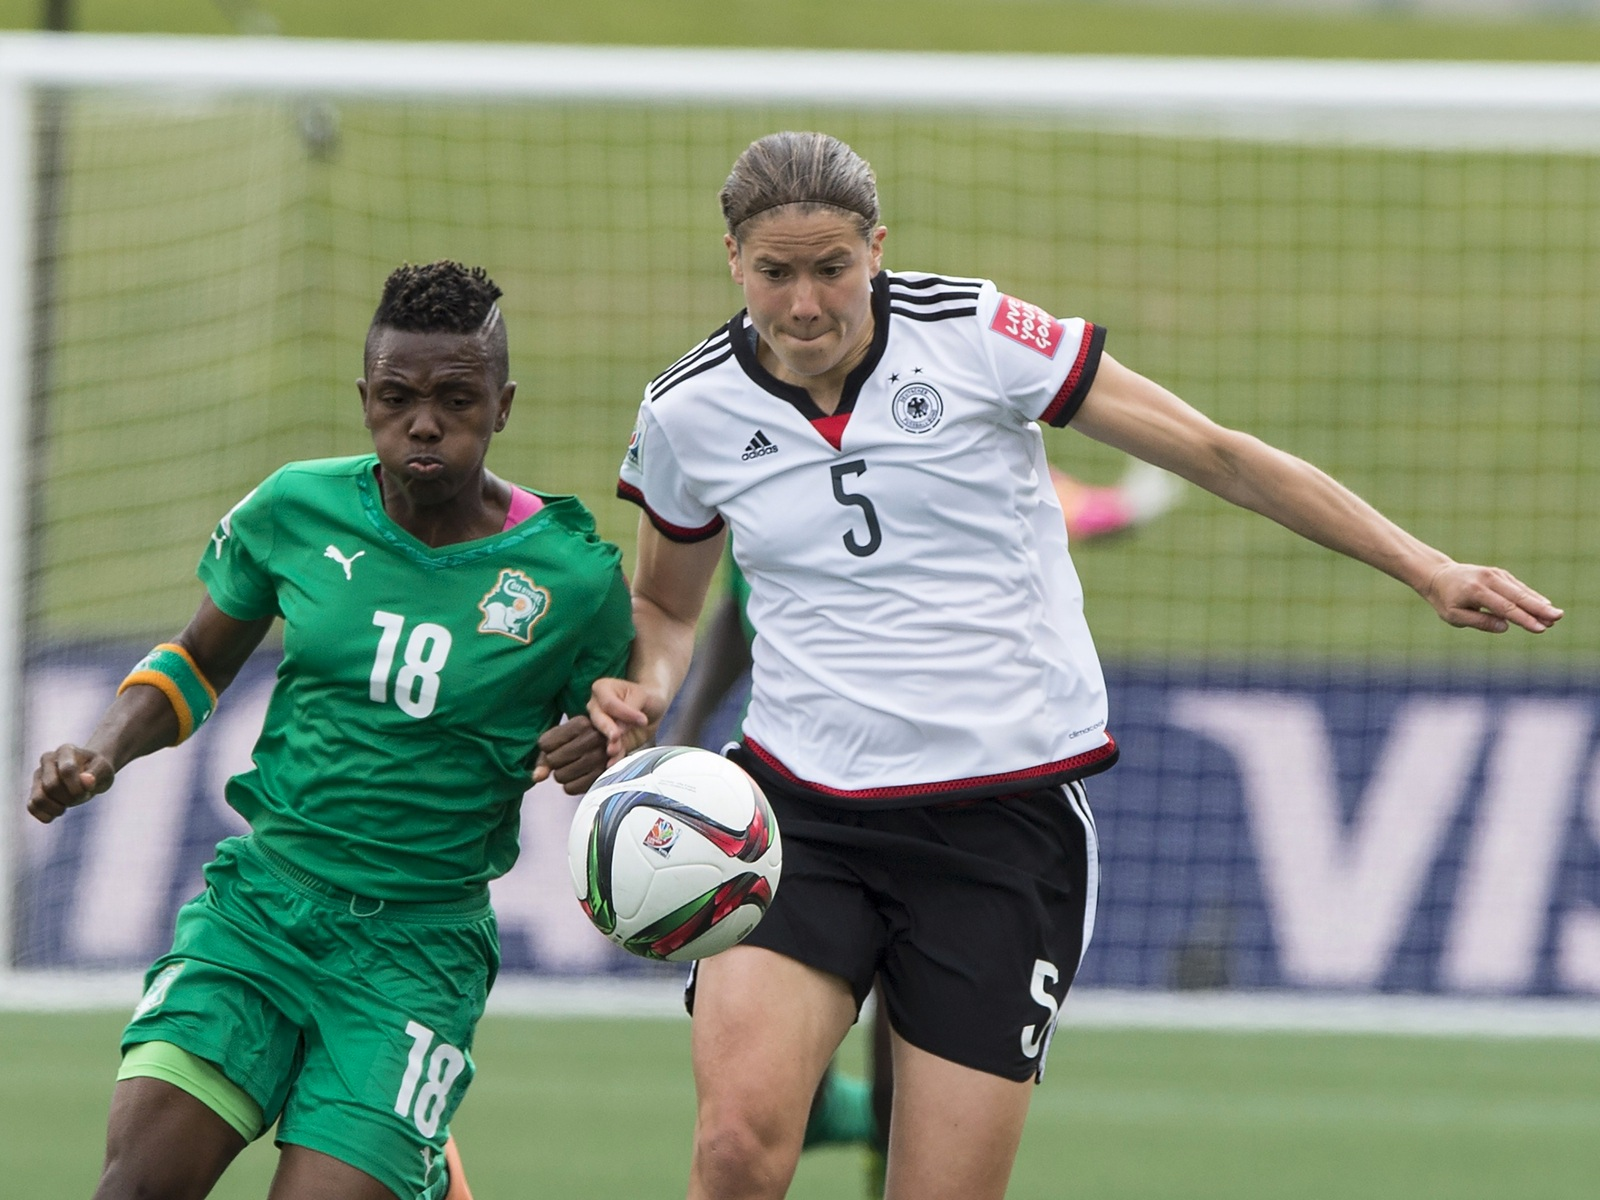 Frauen Fußball Wm 2015 In Kanada Kader Deutschland Mannschaft Fußball